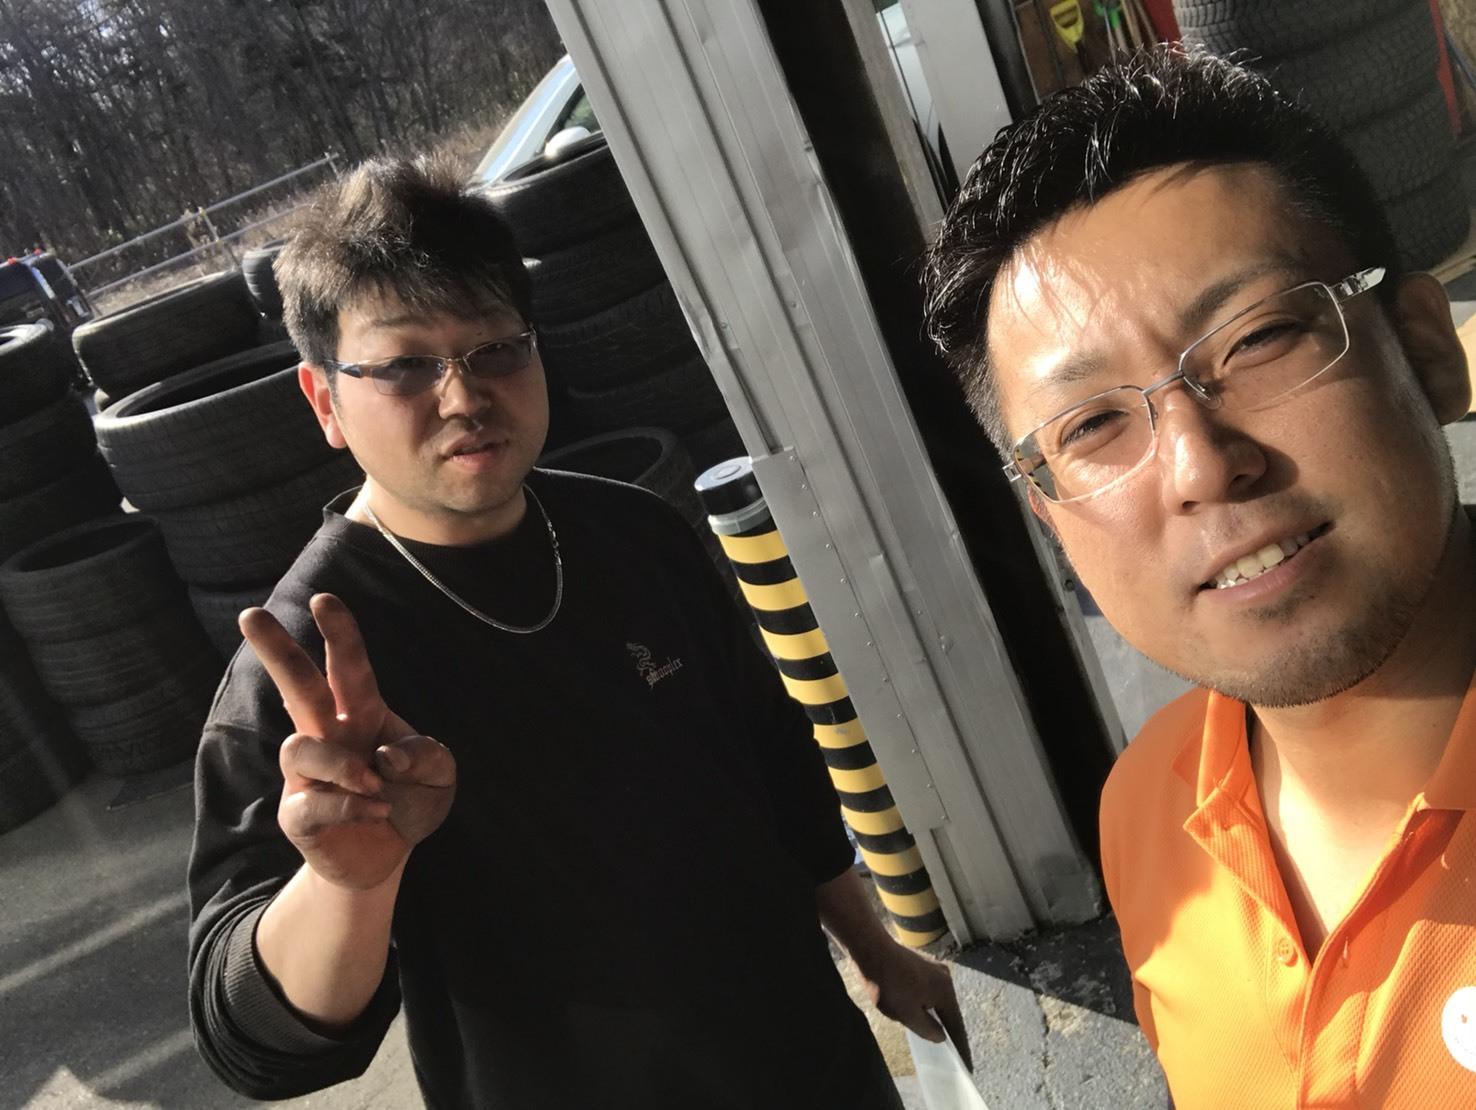 4月18日(水)トミーベース カスタムブログ☆K様インフィニティーQX56納車☆_b0127002_10564174.jpg